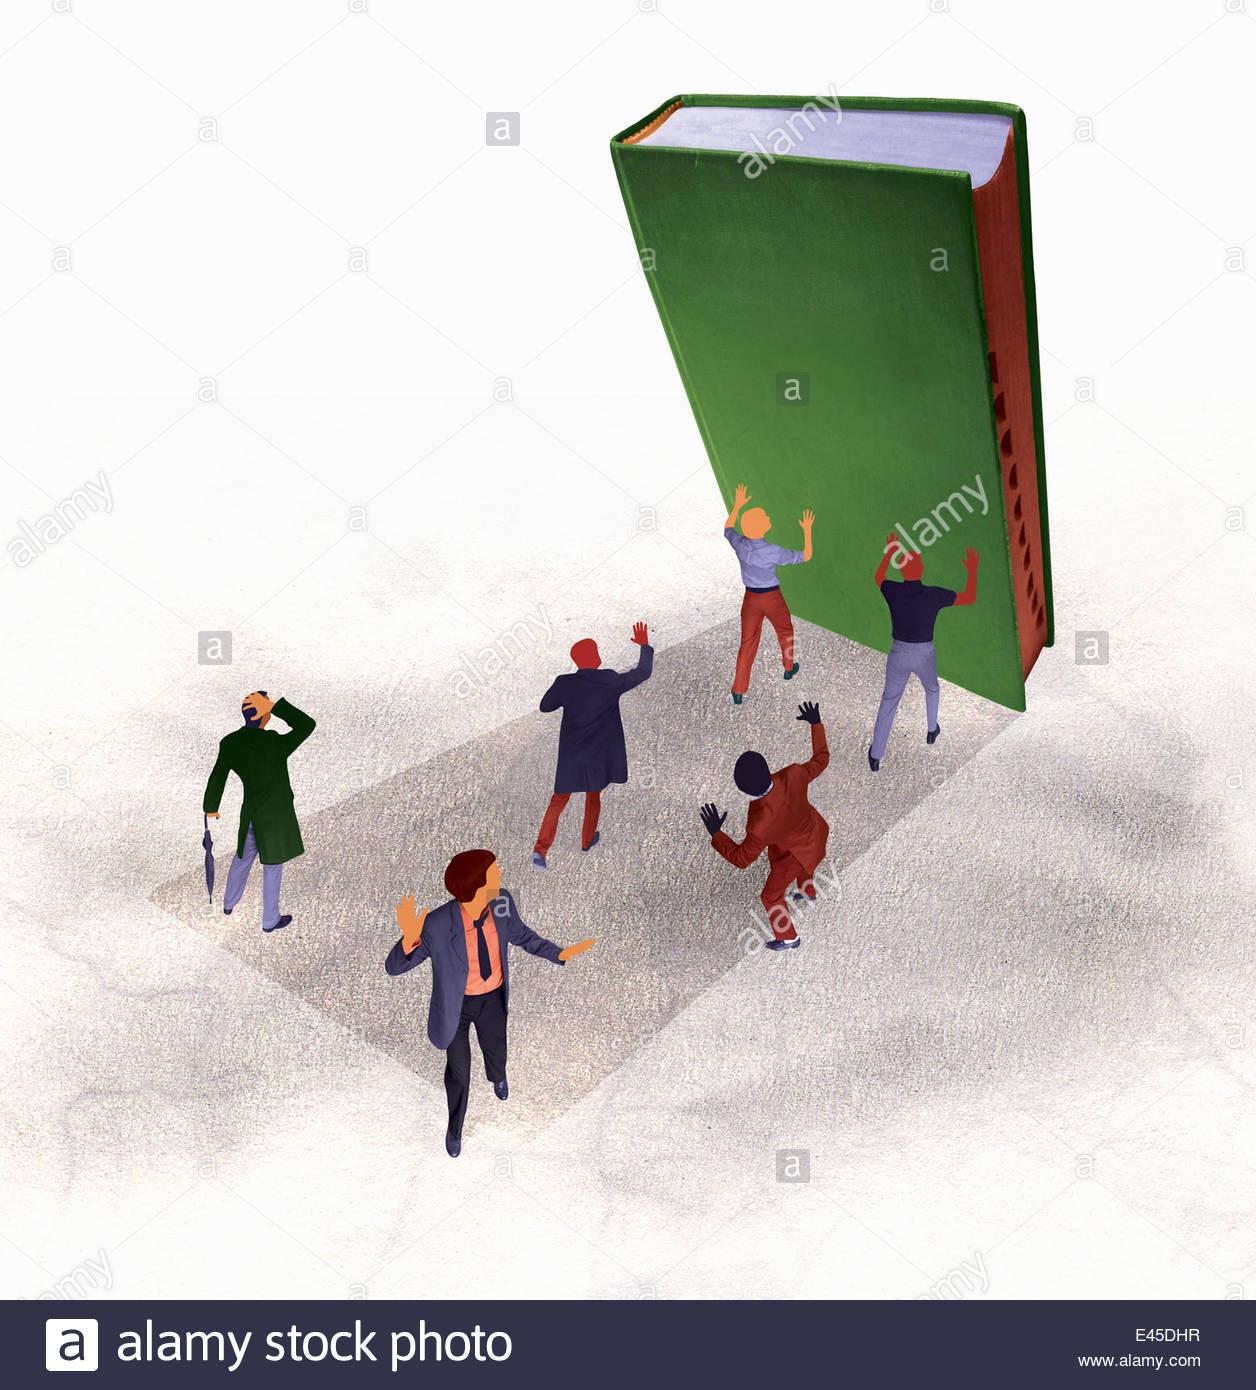 Großes Buch fallen auf den verängstigten Unternehmern Stockfoto